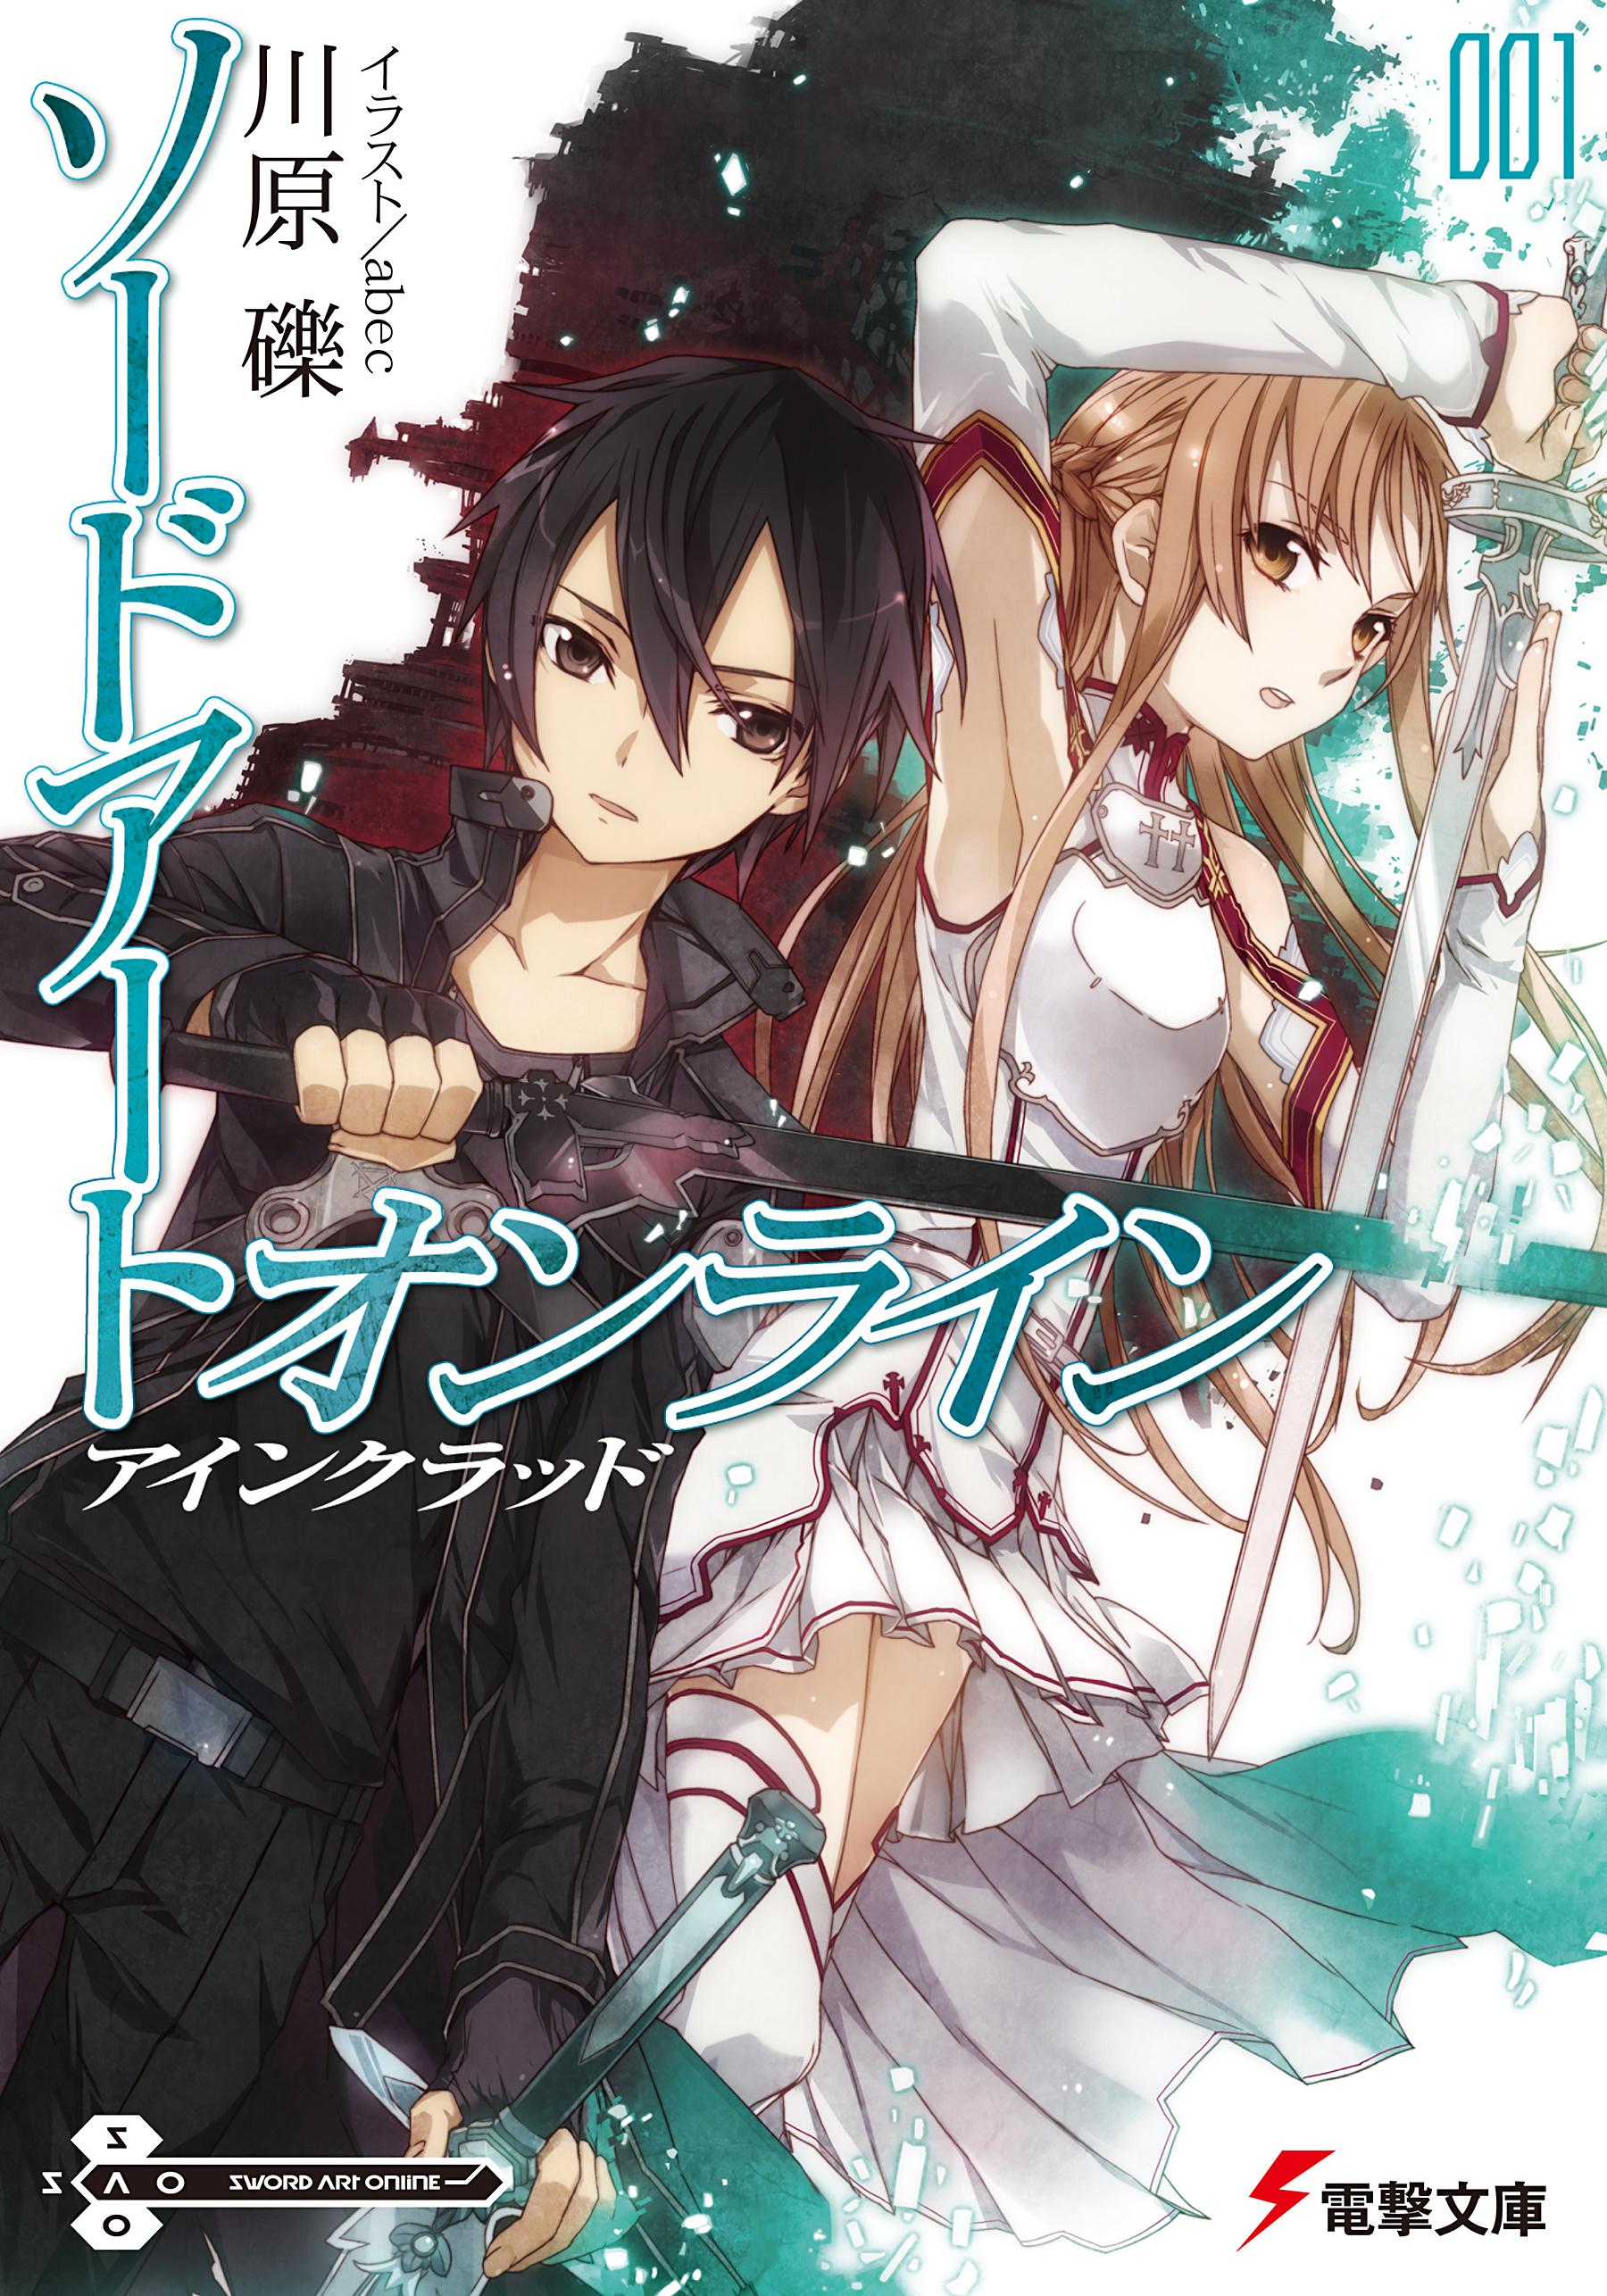 Sword Art Online Volume 01